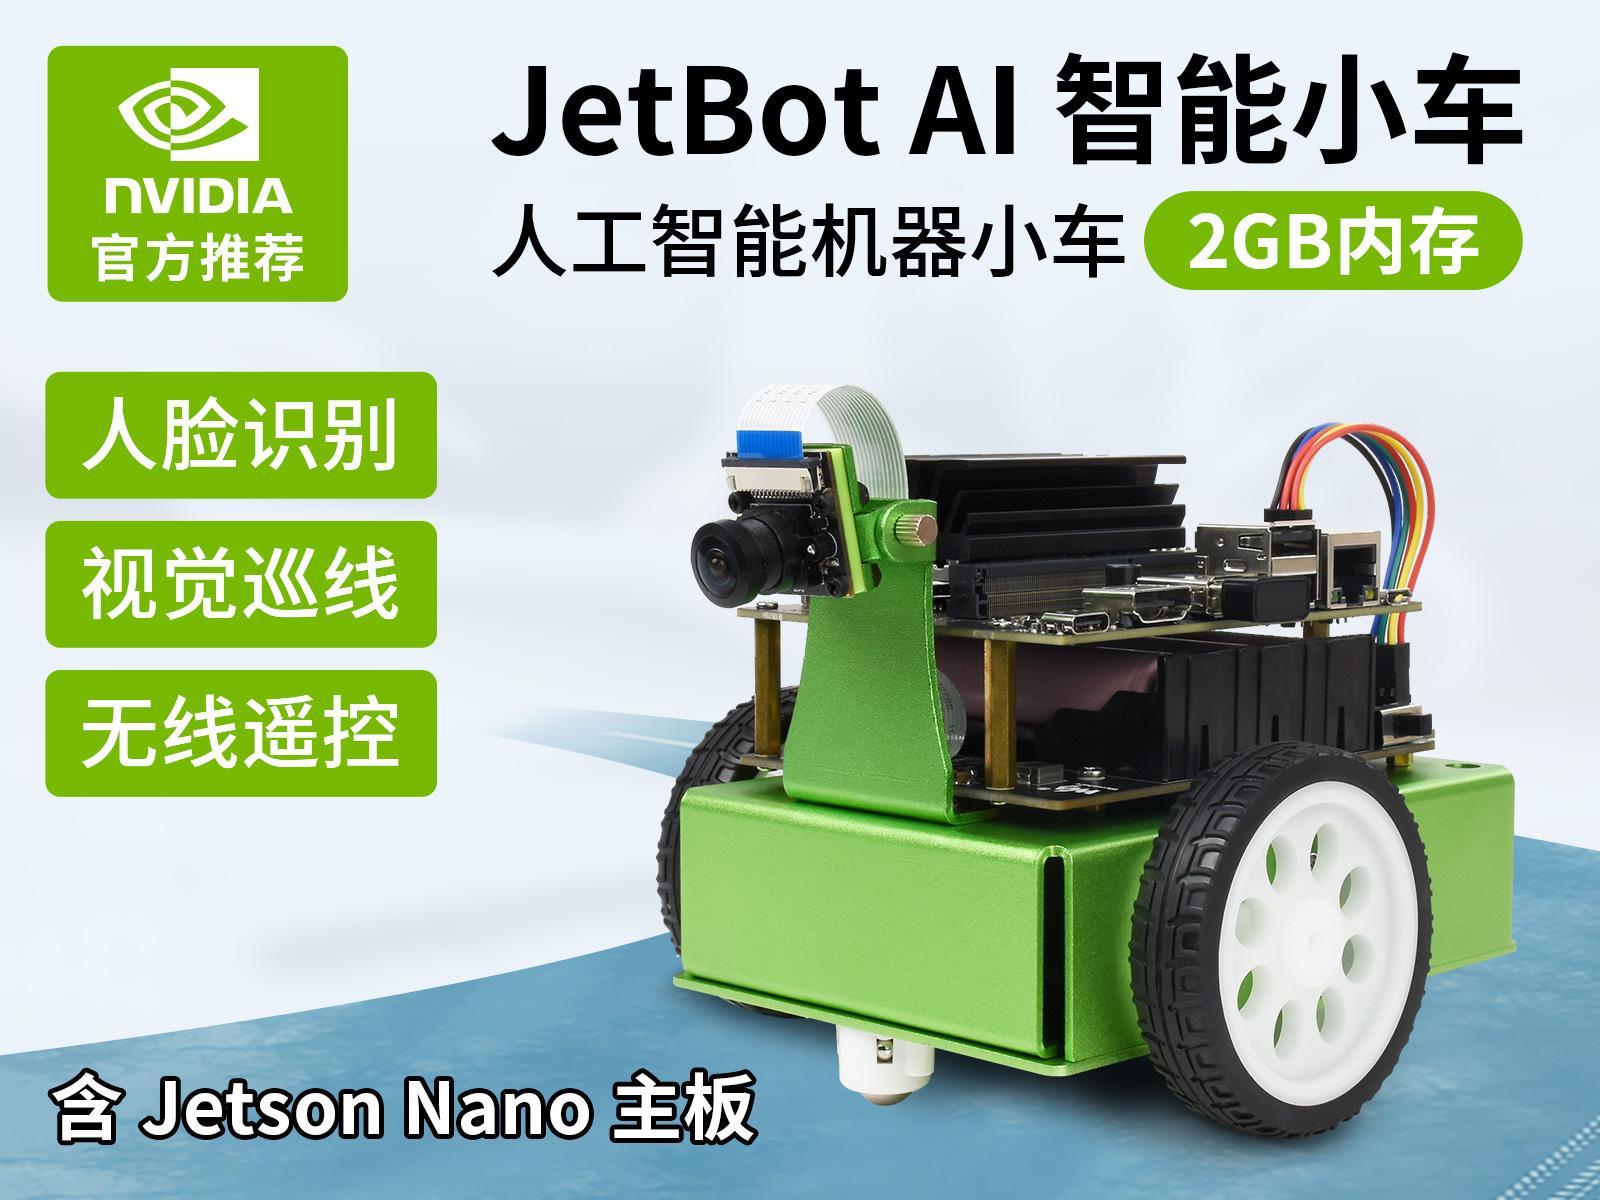 NVIDIA官方推荐JetBot 2GB AI Kit人工智能机器车套餐(含Jetson Nano)